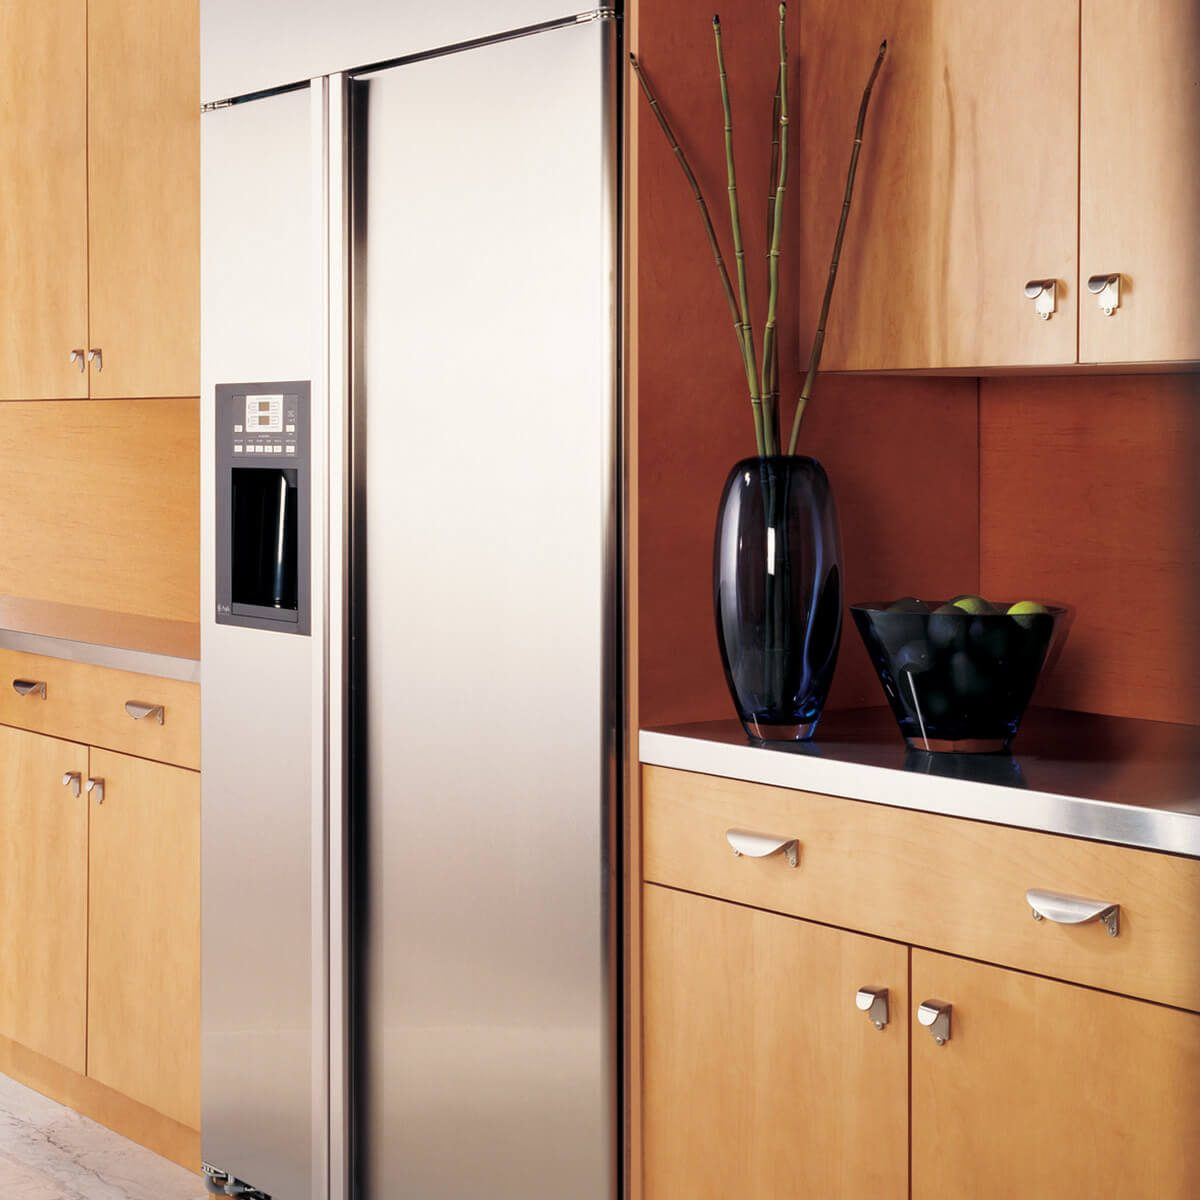 30 Ways To Revolutionize Your Kitchen Space